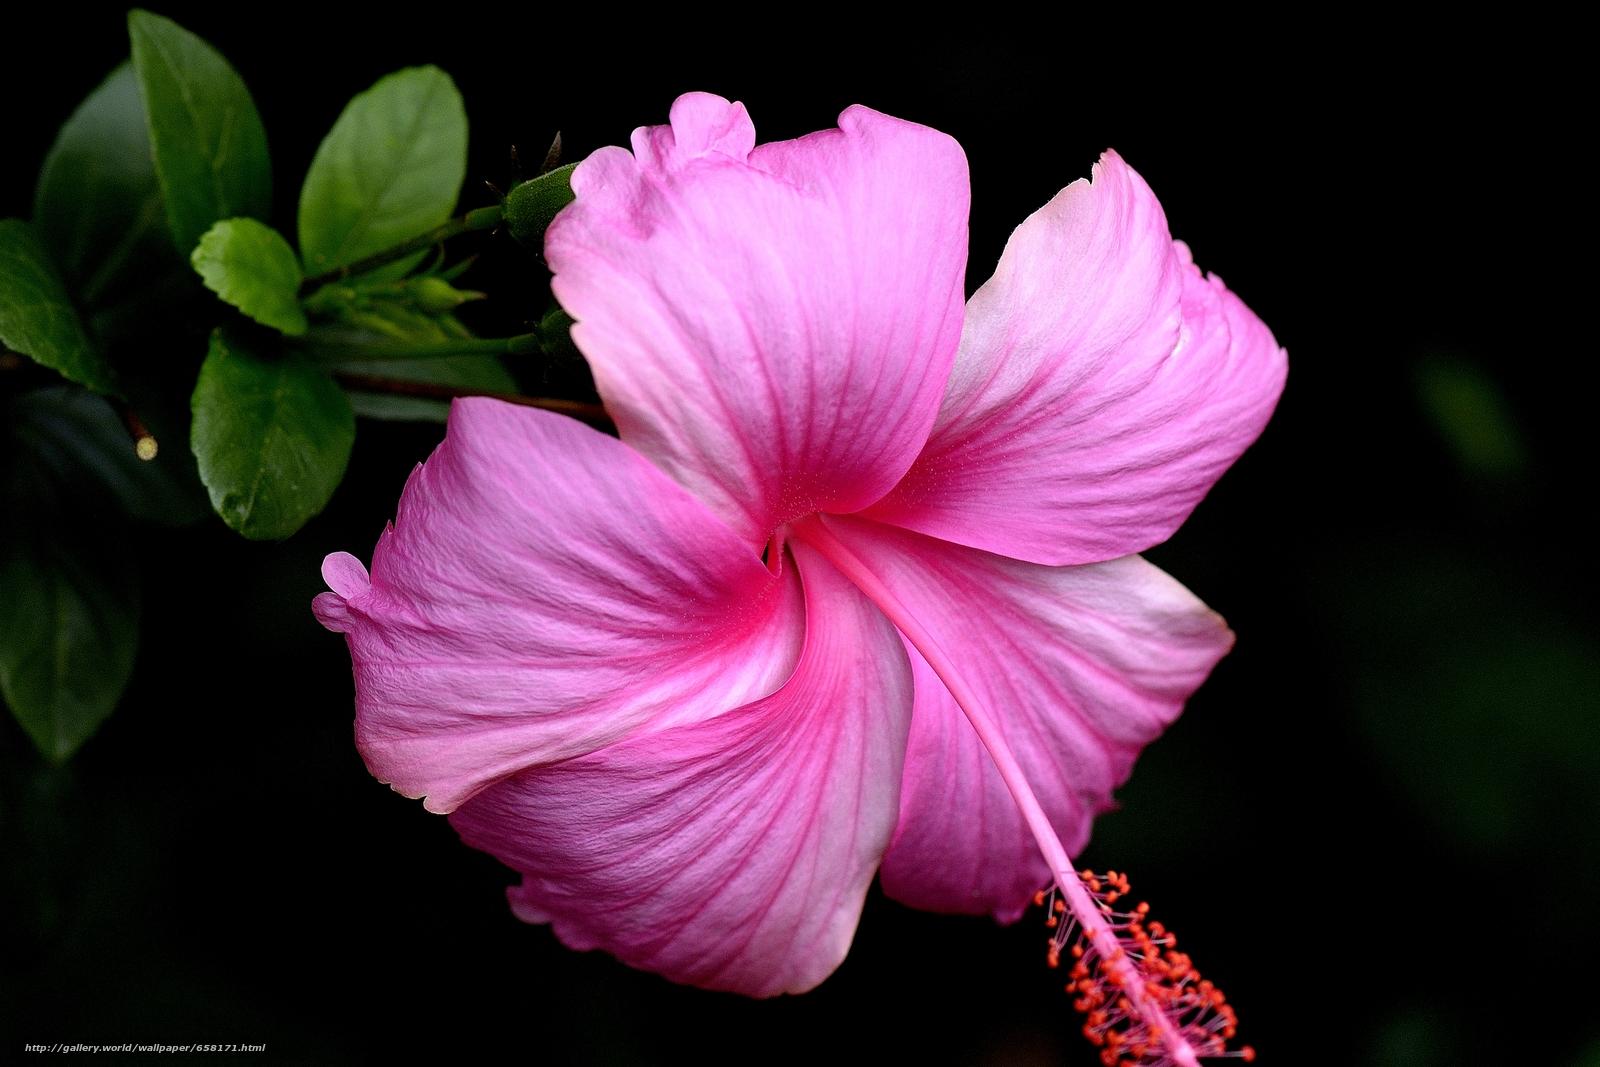 Скачать обои Гибискус,  Hibiscus,  цветы,  цветок бесплатно для рабочего стола в разрешении 4156x2771 — картинка №658171